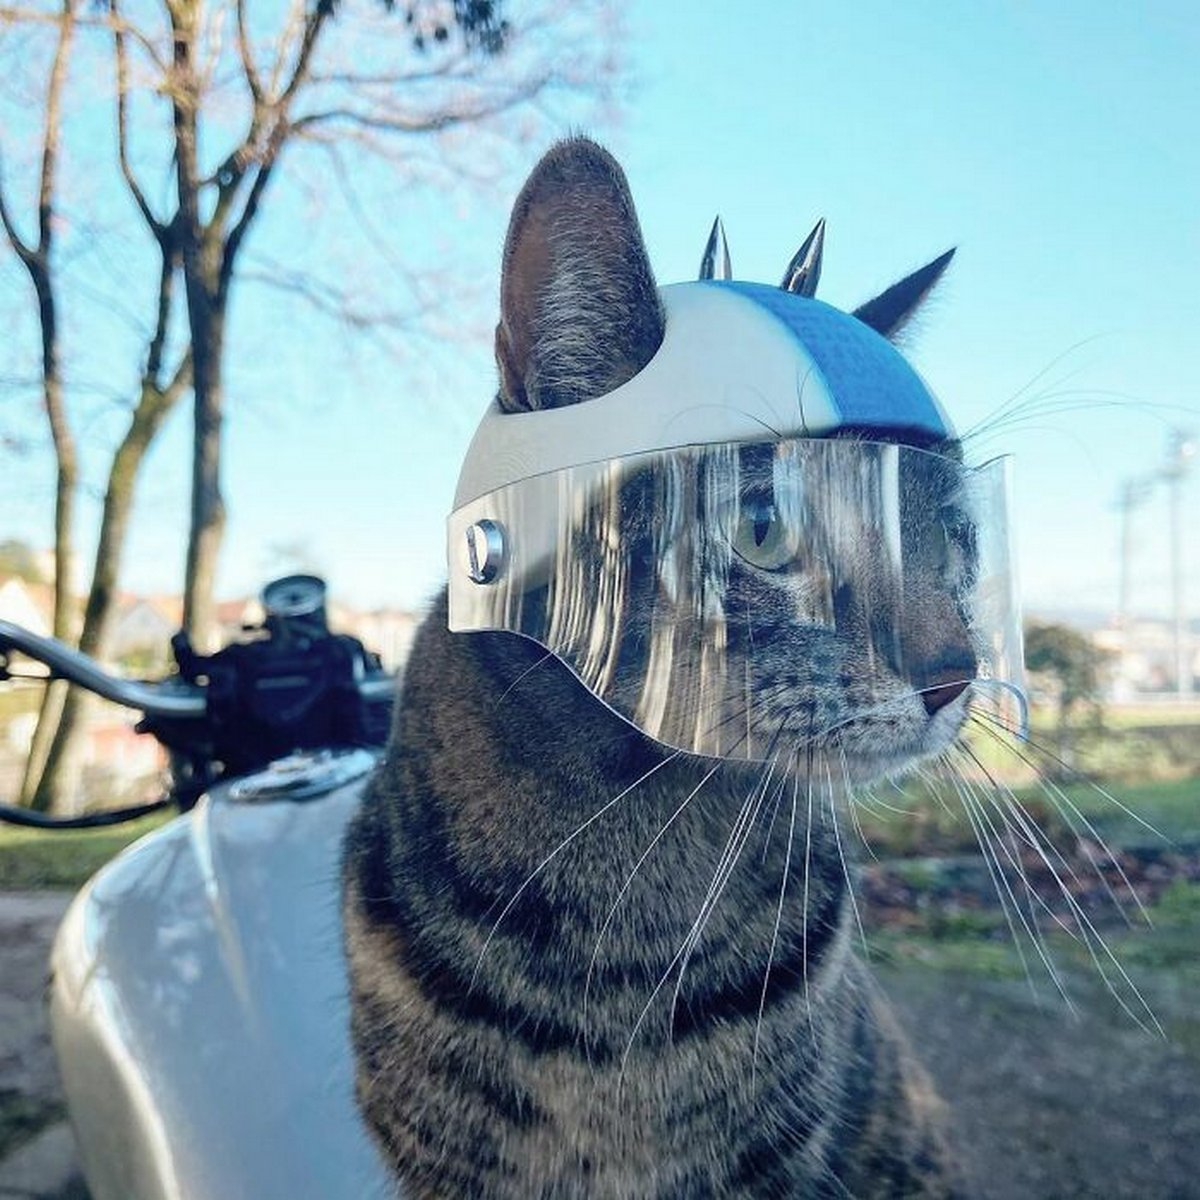 Cet homme emmène sa chatte partout où il va et ils vivent toutes sortes d'aventures ensemble